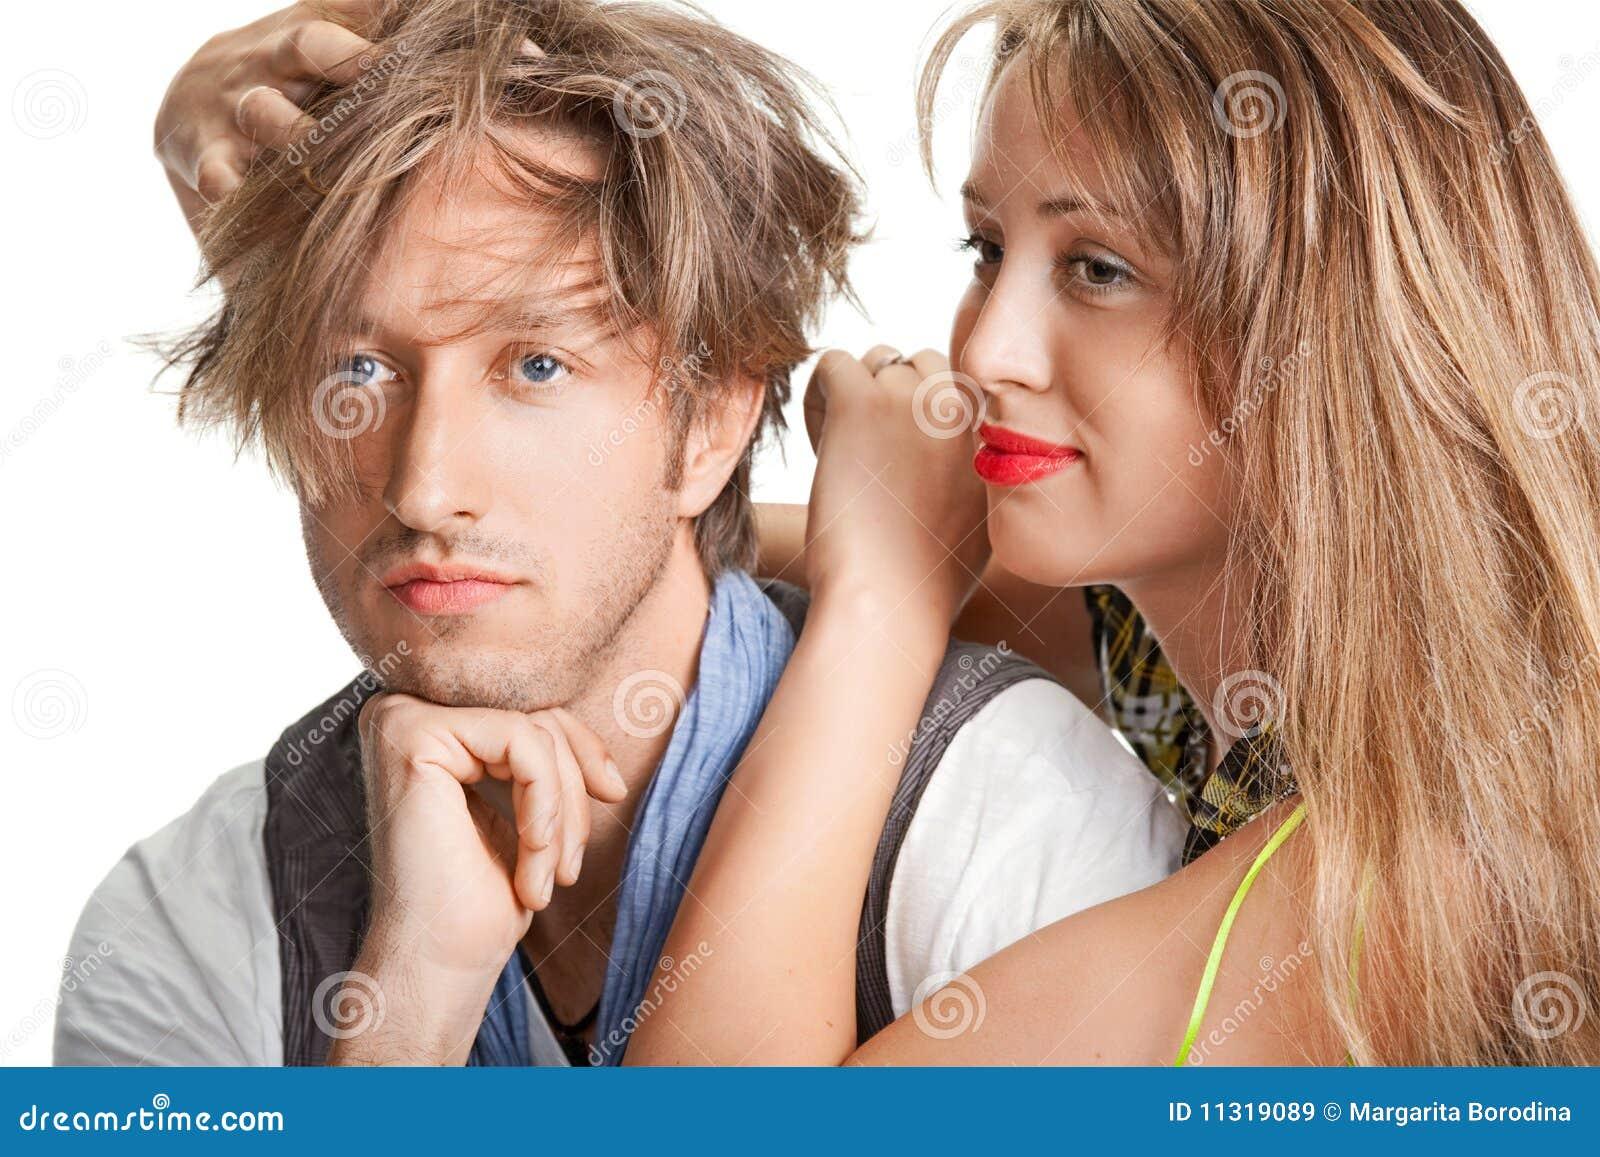 Portrait eines jungen schönen Paares.